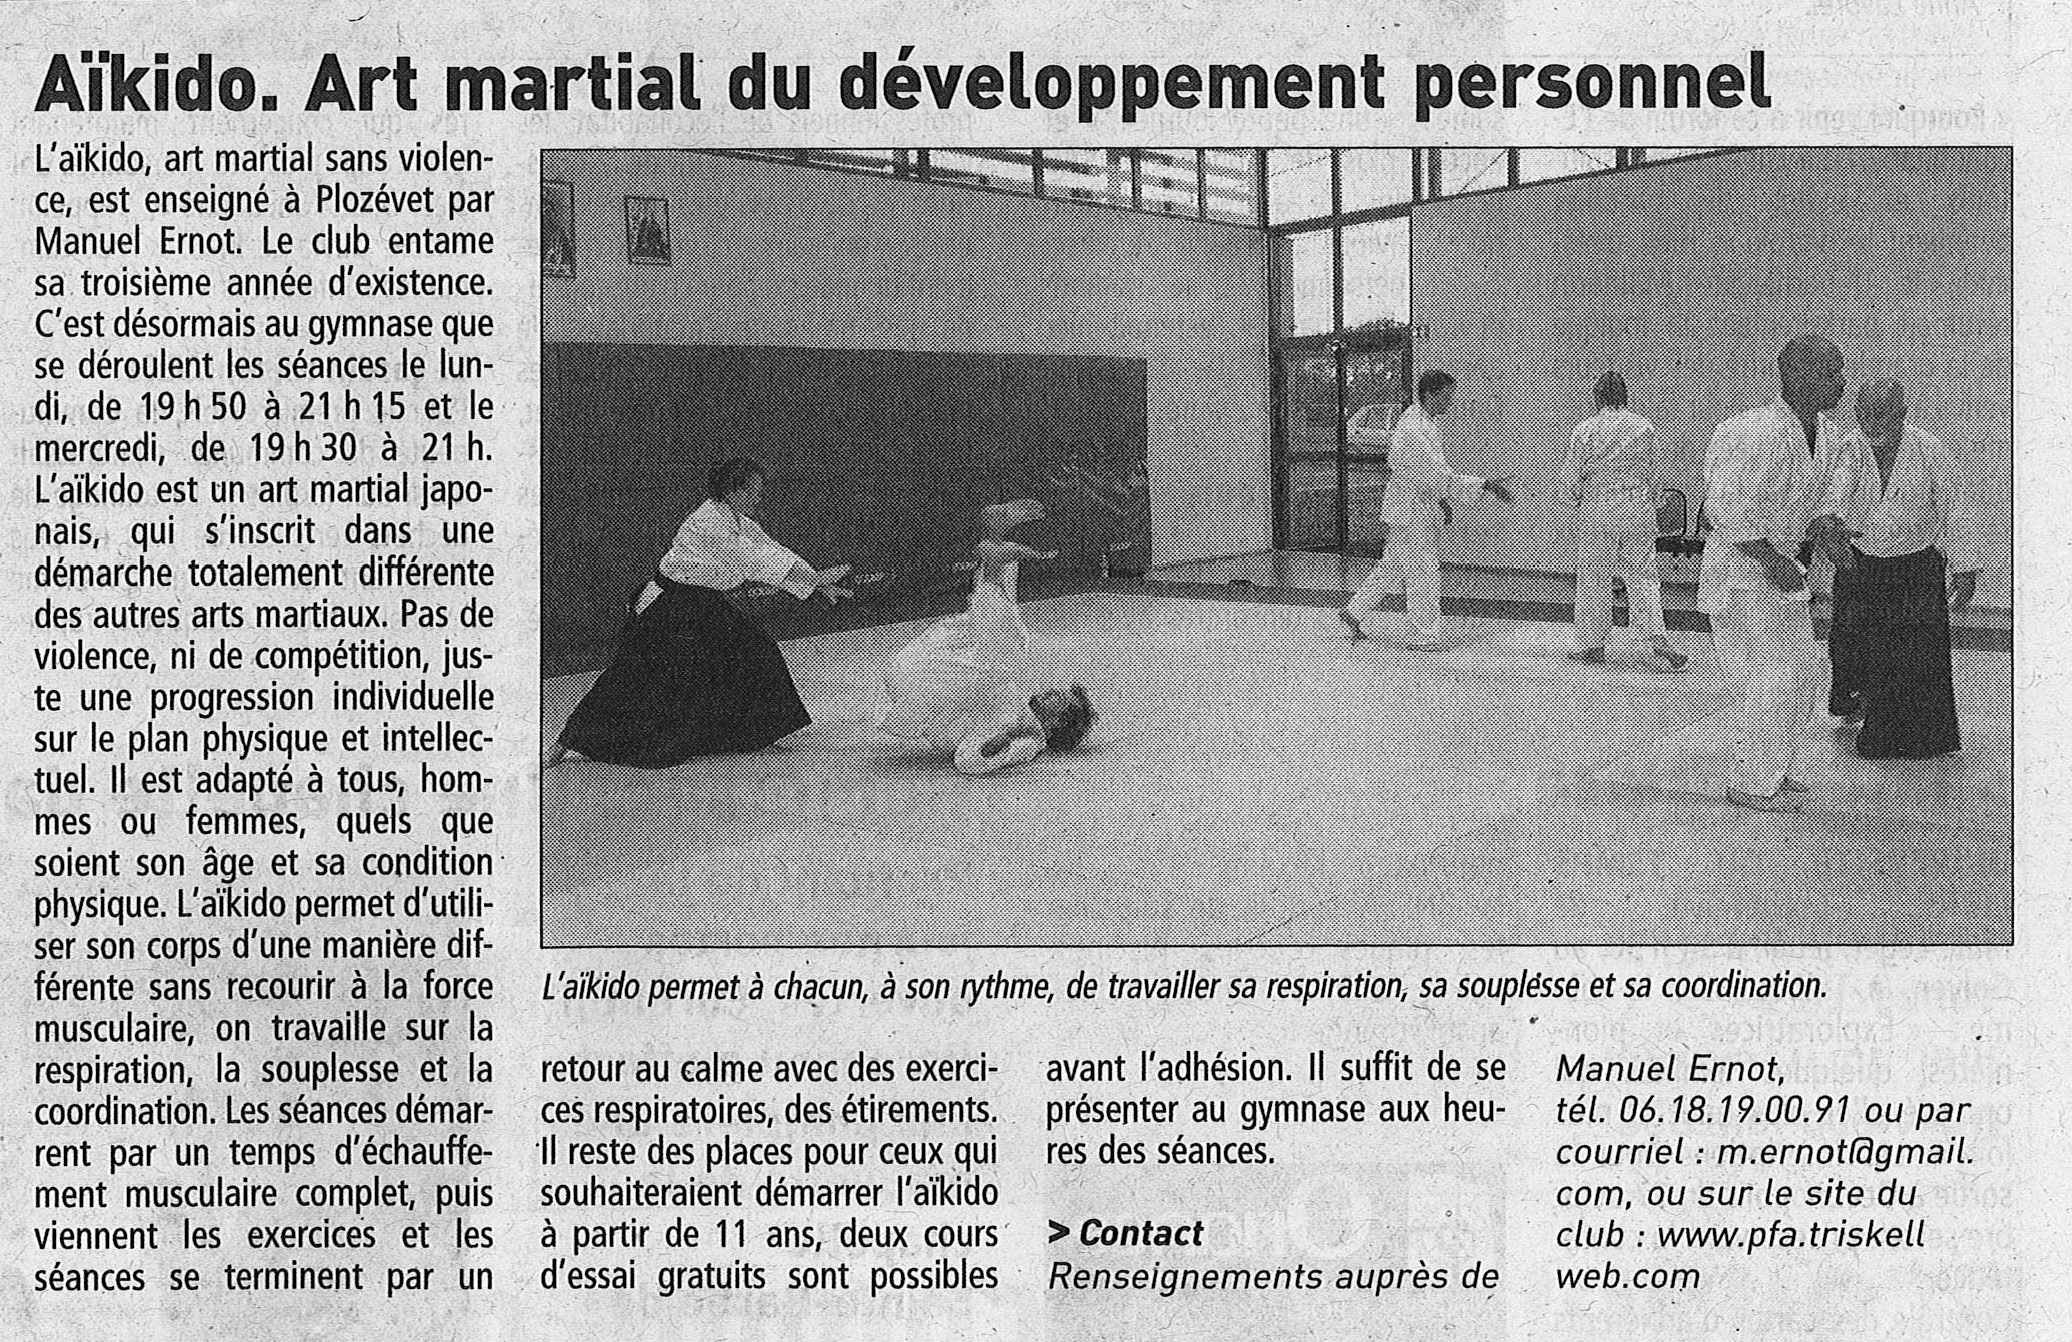 Le t l gramme 30 septembre 2013 a kido art martial du - Academie du developpement personnel ...